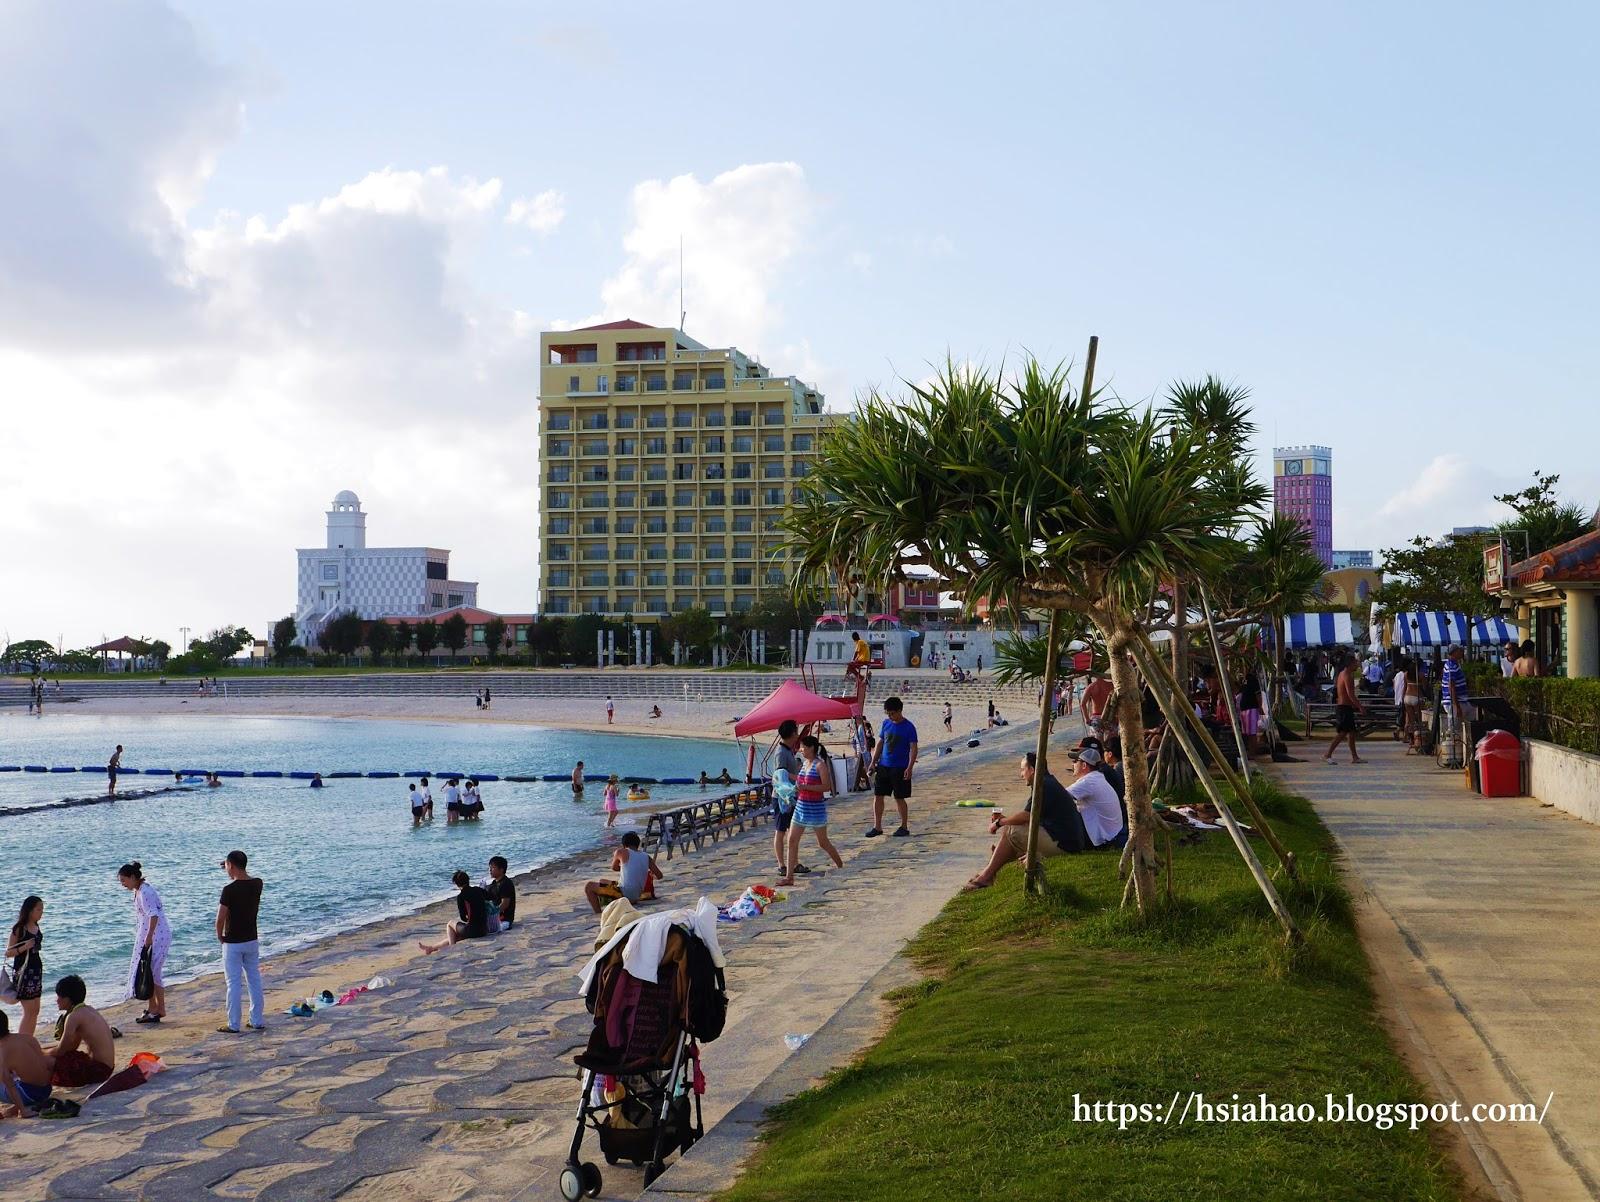 沖繩-美國村景點-推薦-美國村-american-village-北谷公園-日落海灘-自由行-旅遊-Okinawa-sunset-beach